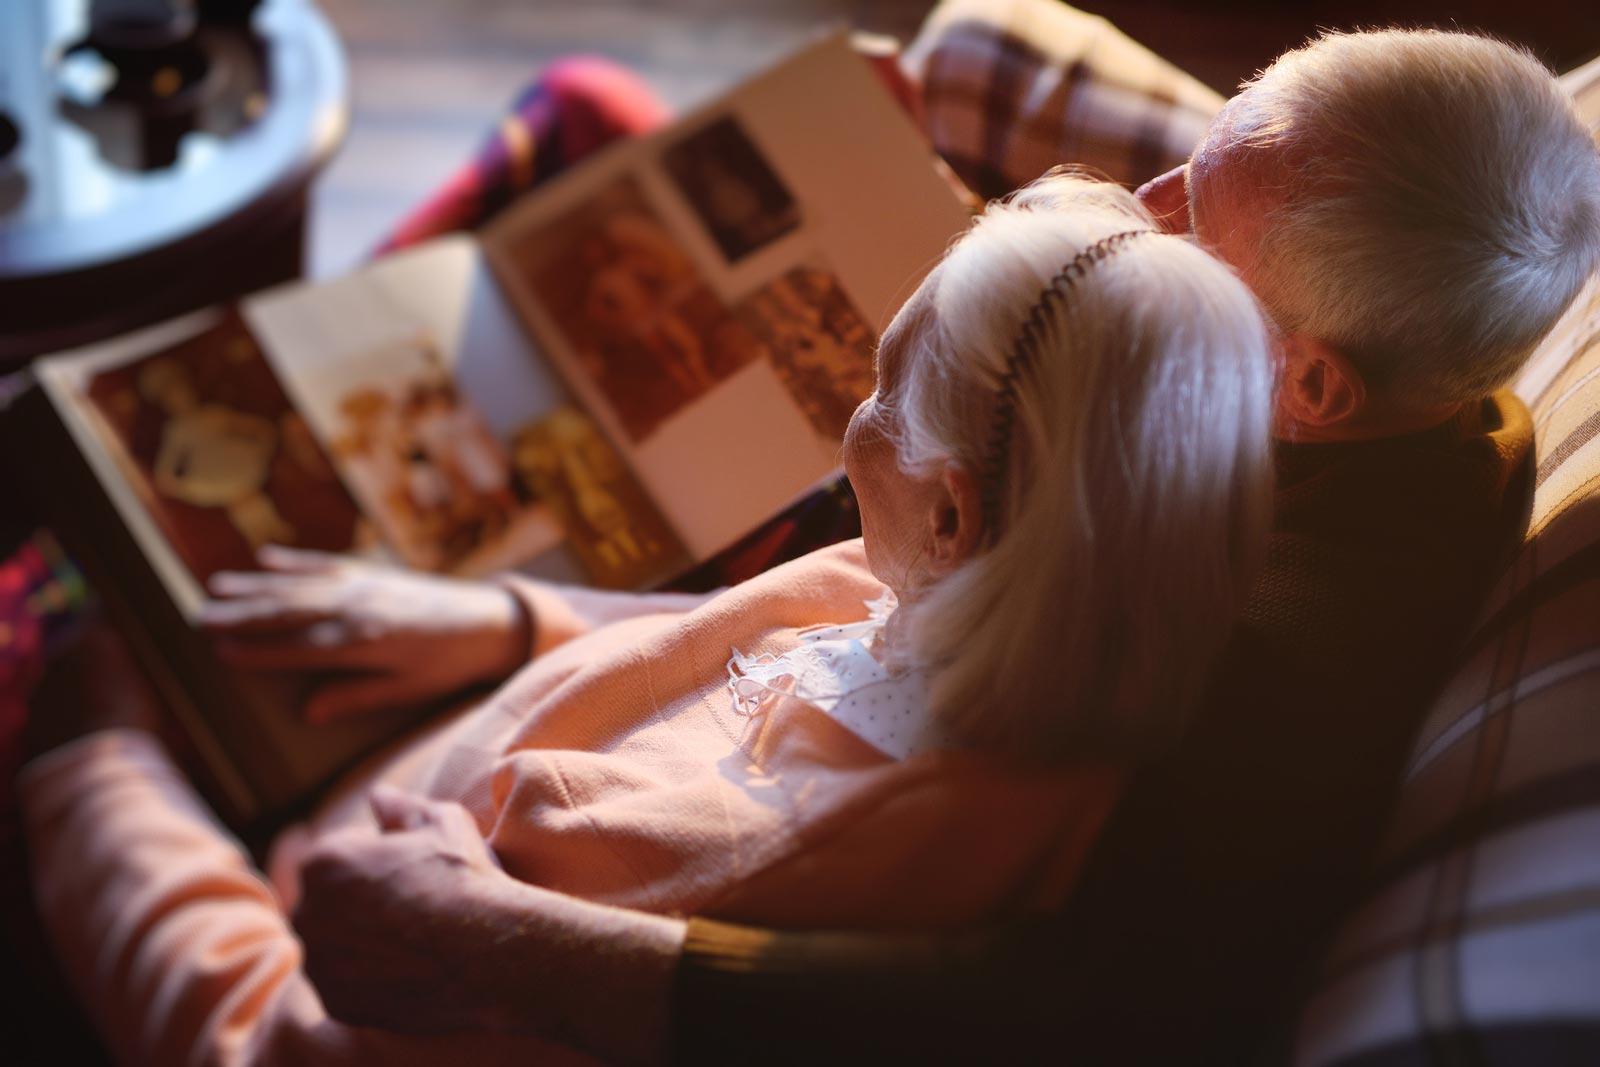 Un homme et une femme regardent leurs photos de famille dans un album avant de les mettre dans un mini-entrepôt